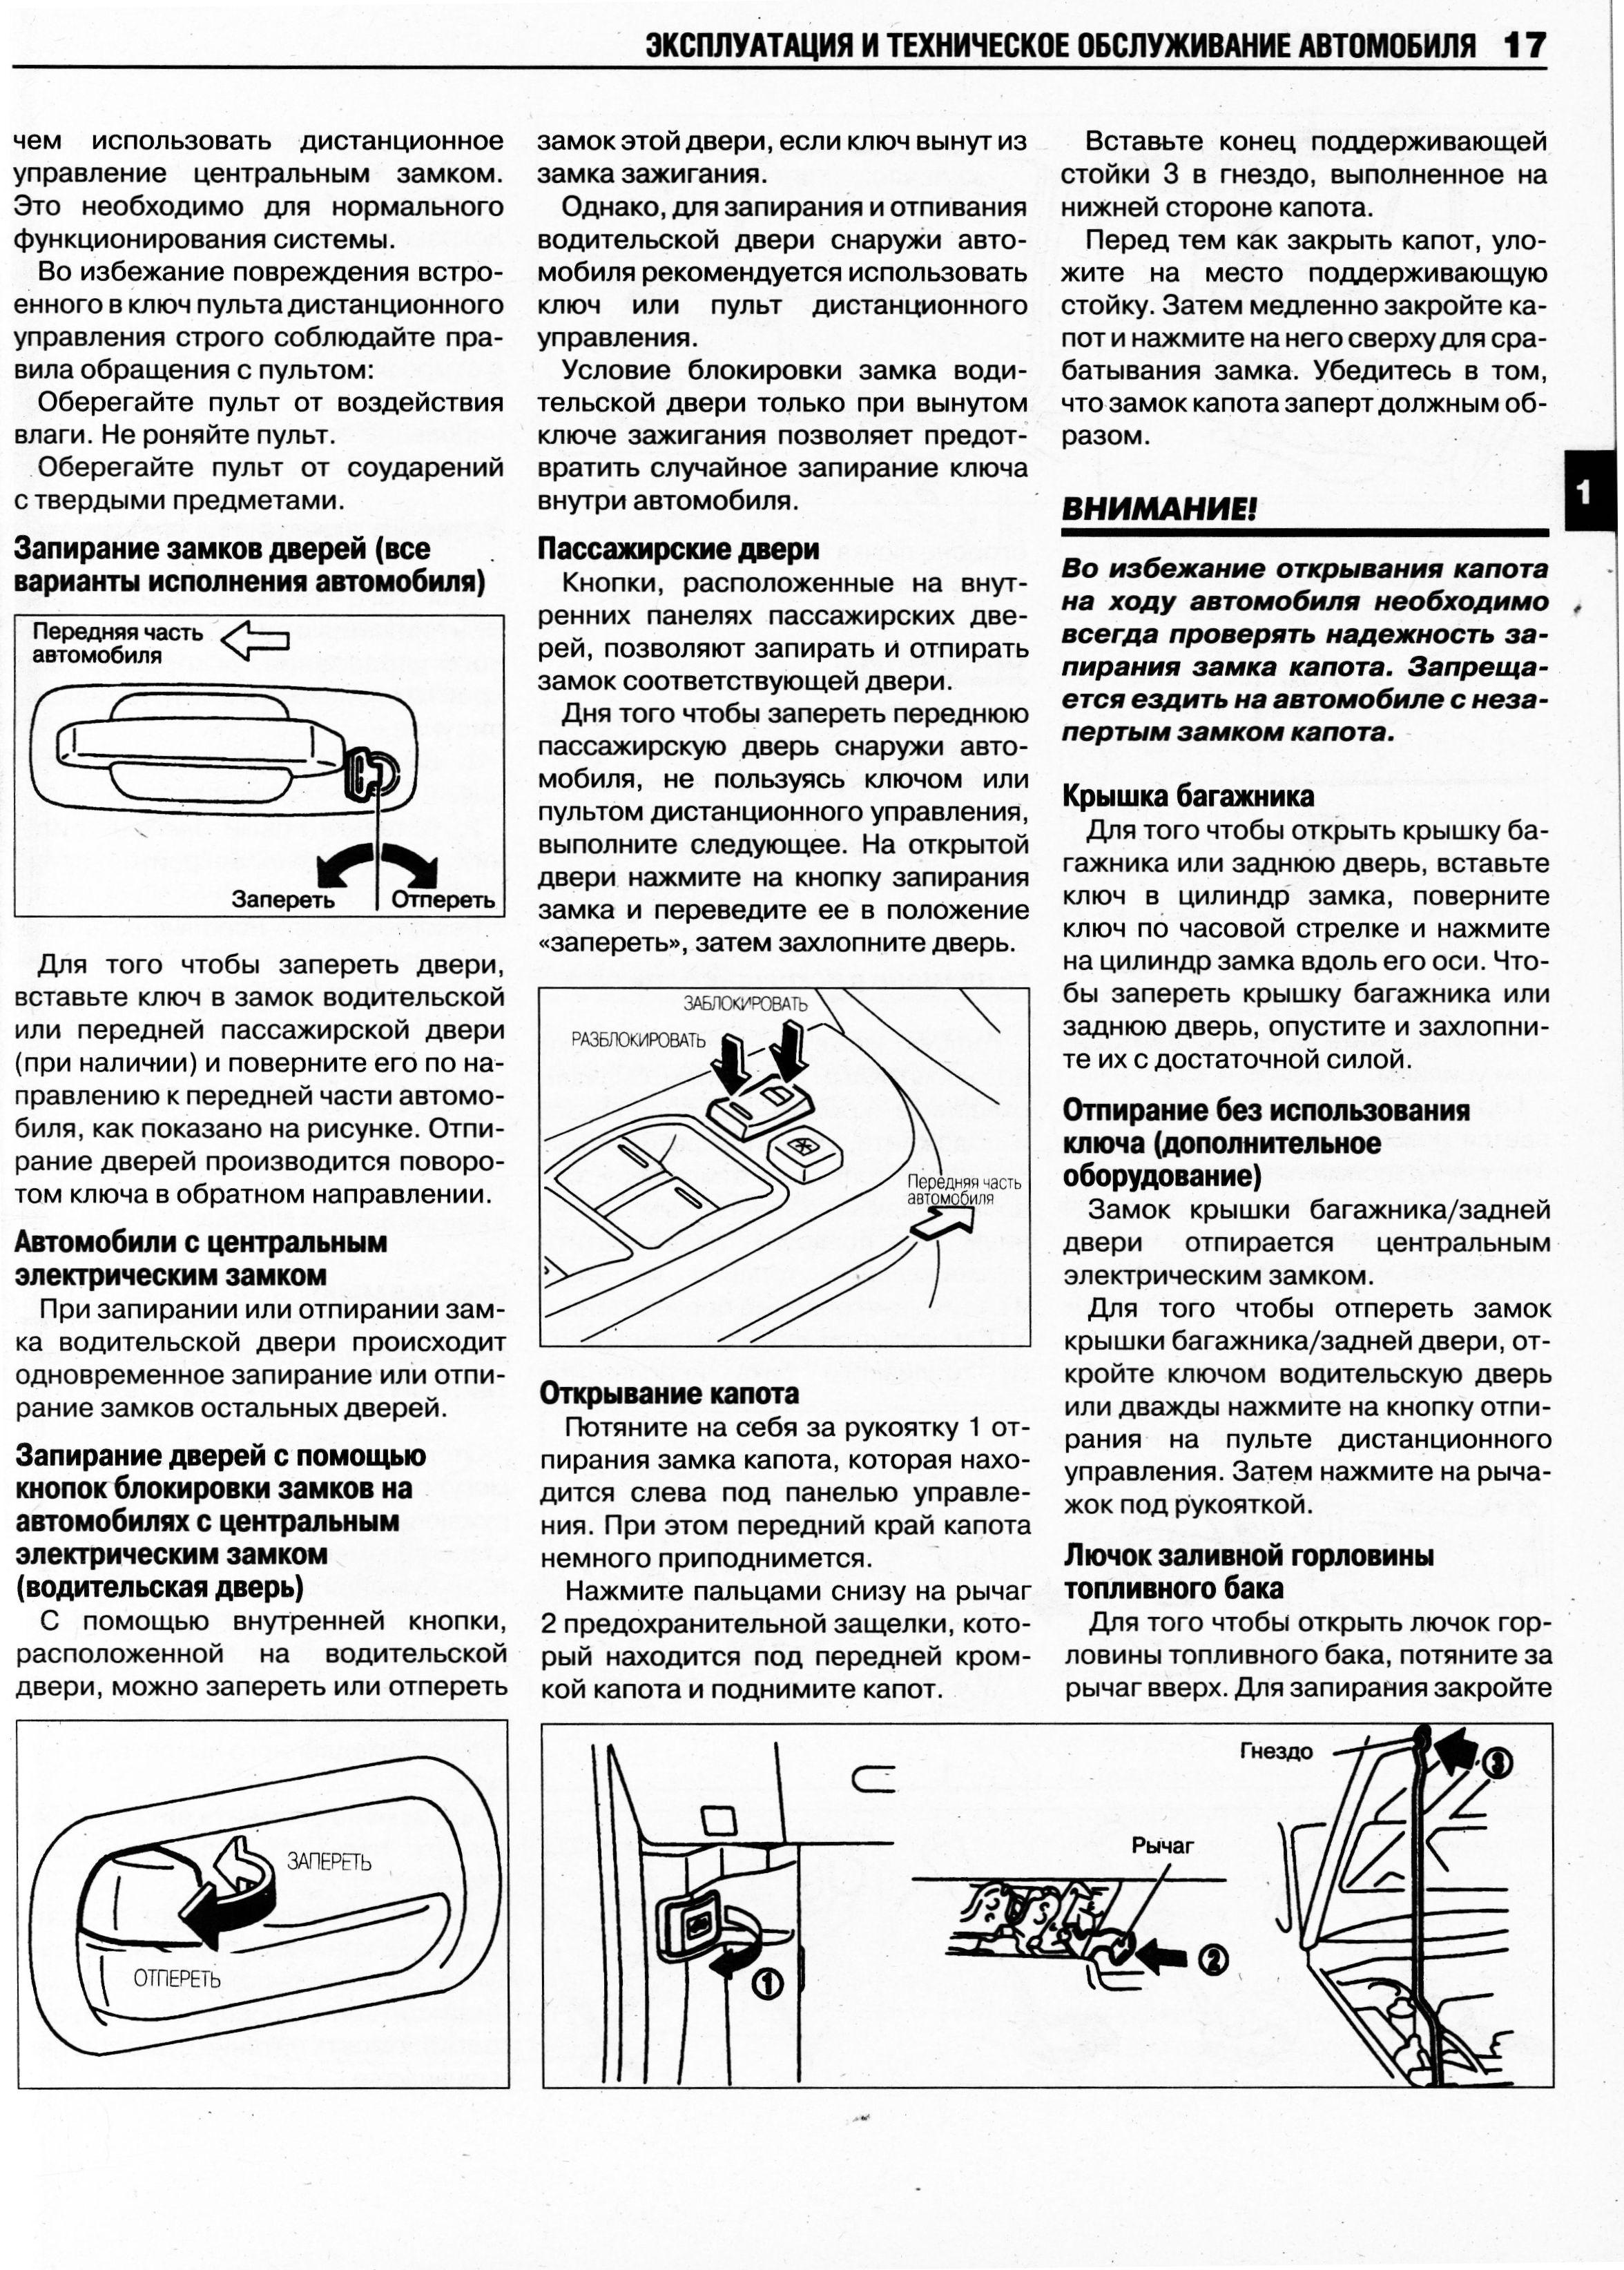 Инструкция По Эксплуатации Автомобиля Ниссан Сефиро